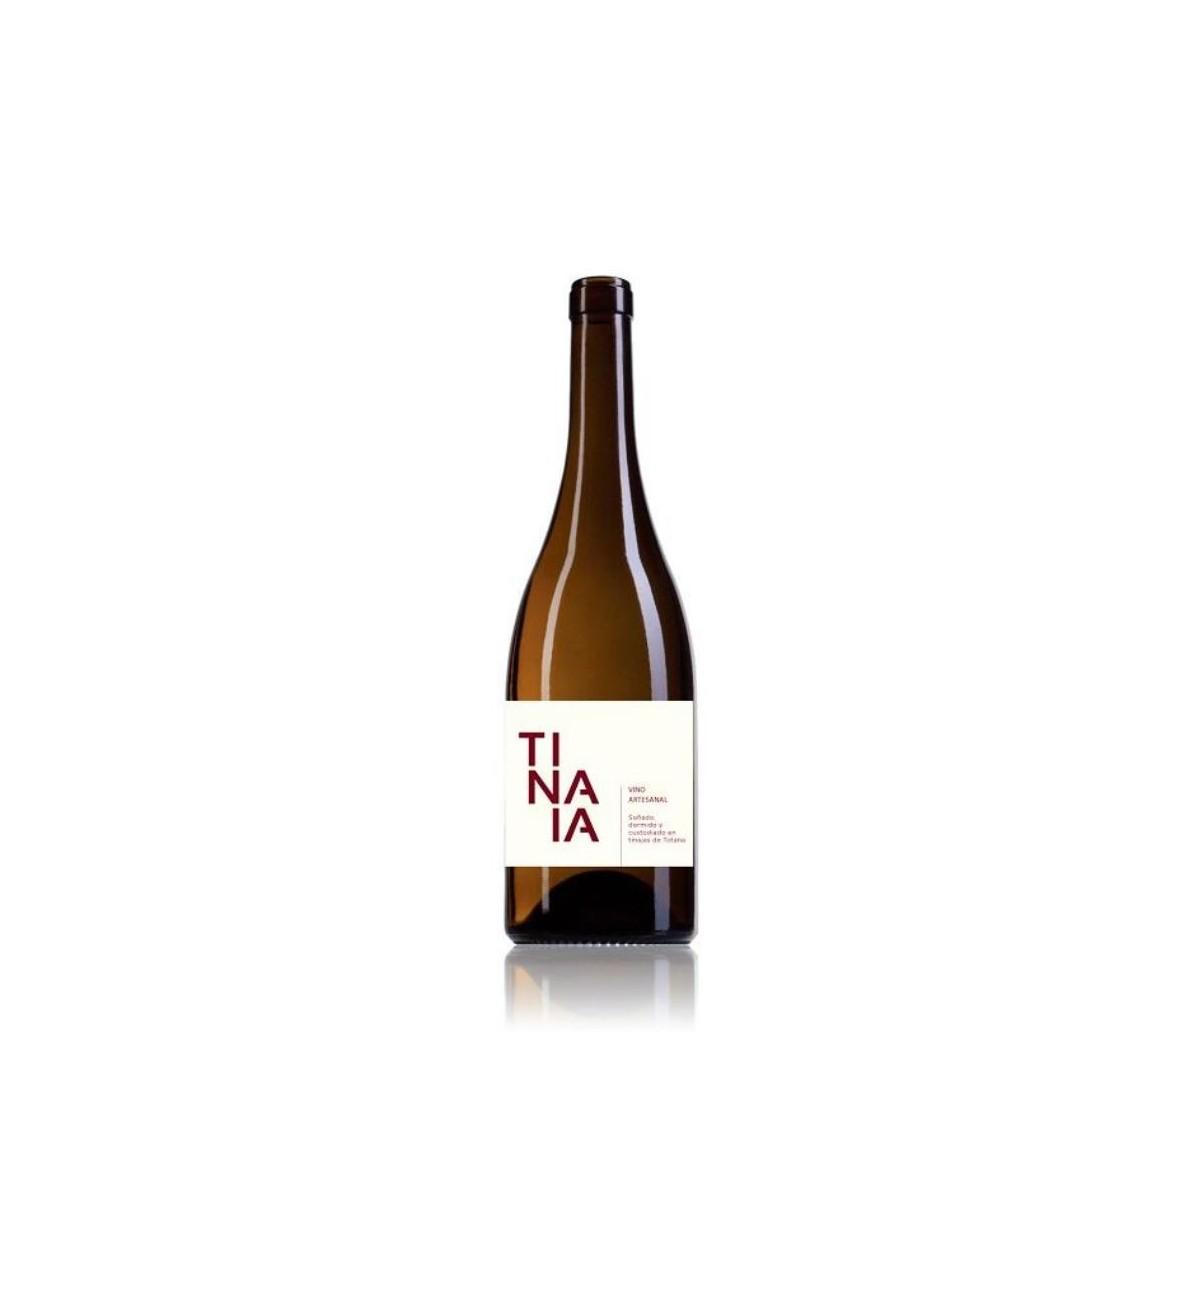 Tinaia 2019 * Vino artesanal en tinaja, Monastrell  Bodega Tinaia